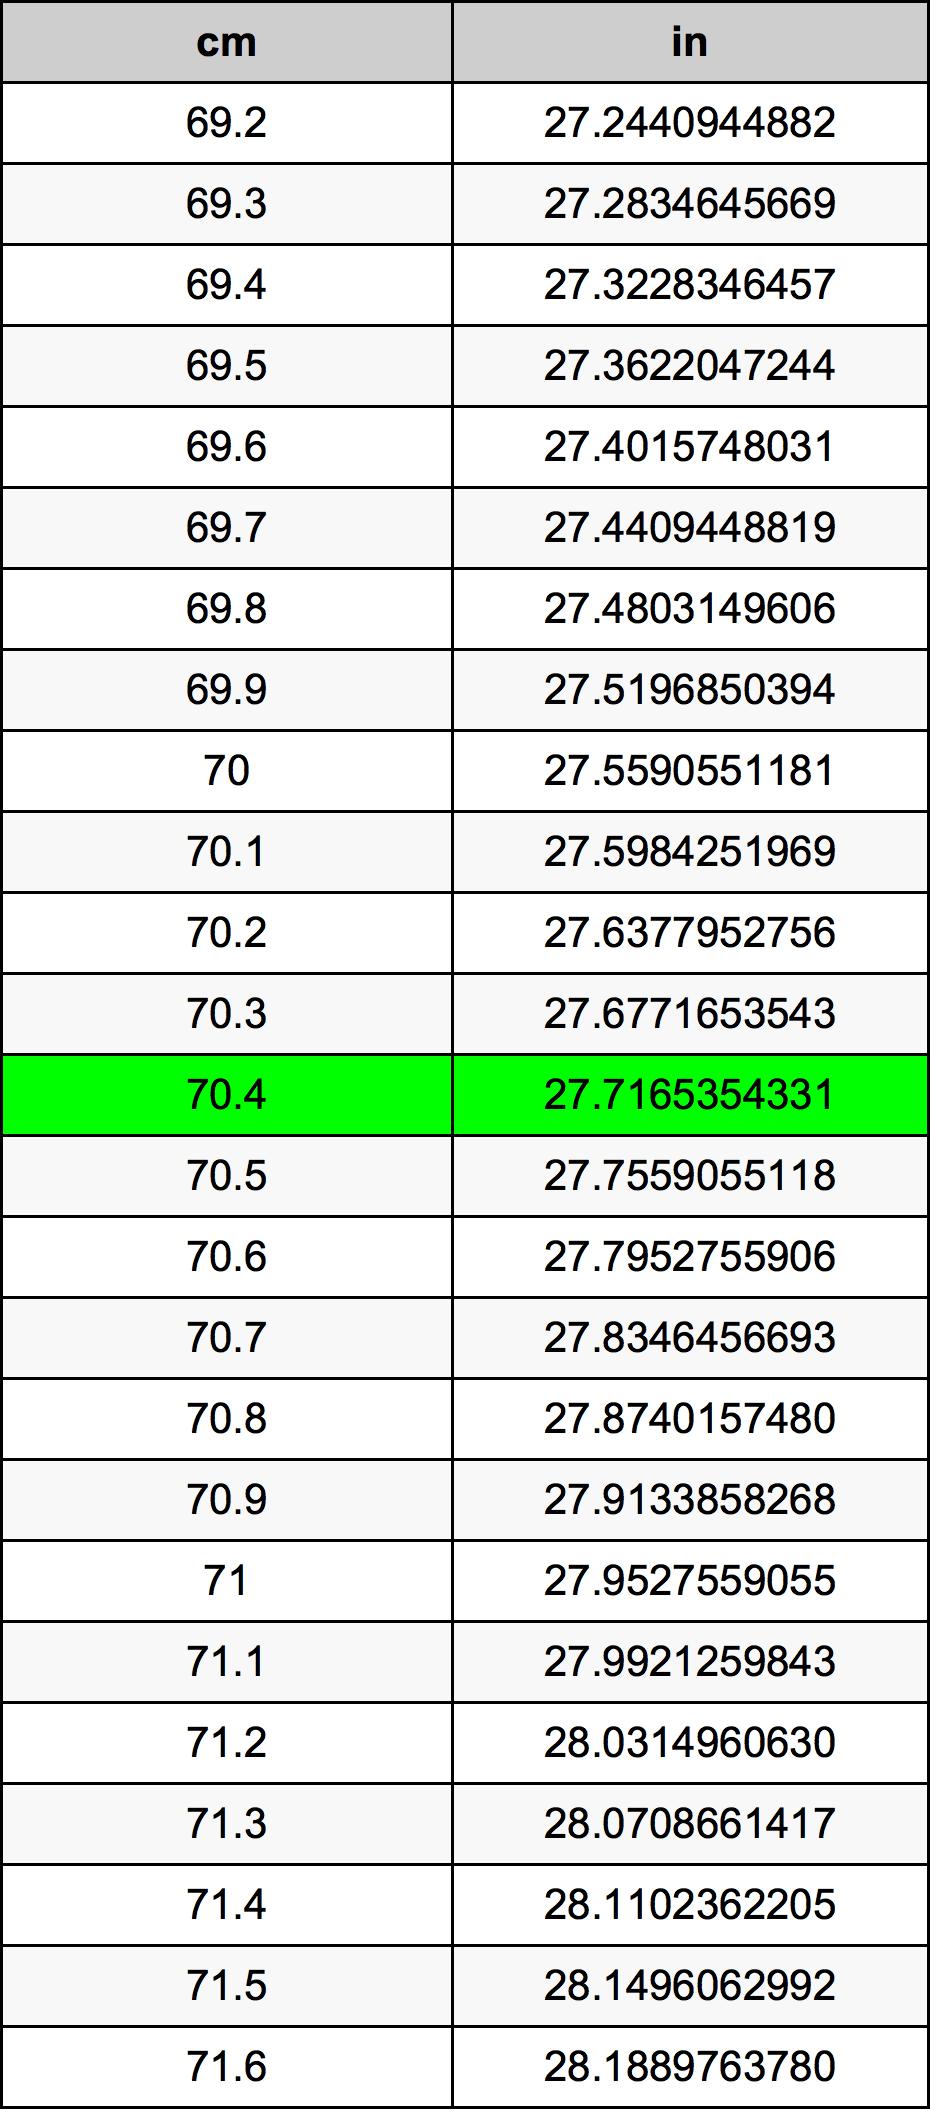 70.4 Zentimeter Umrechnungstabelle